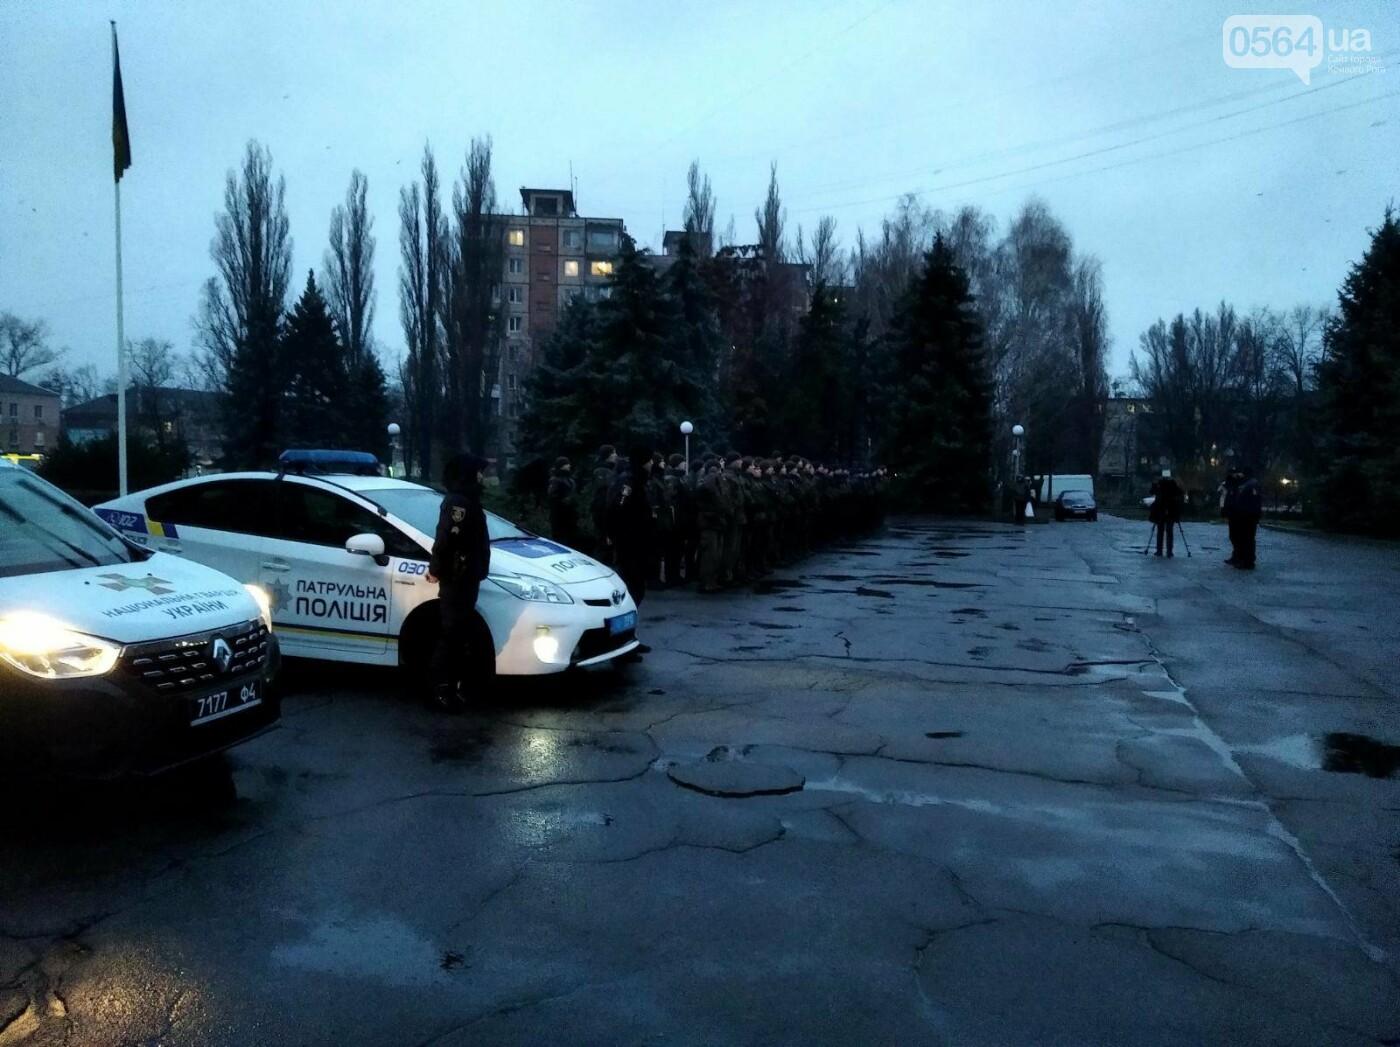 Криворожские военнослужащие и правоохранители приступили к усиленному патрулированию Долгинцевского района, - ФОТО , фото-4